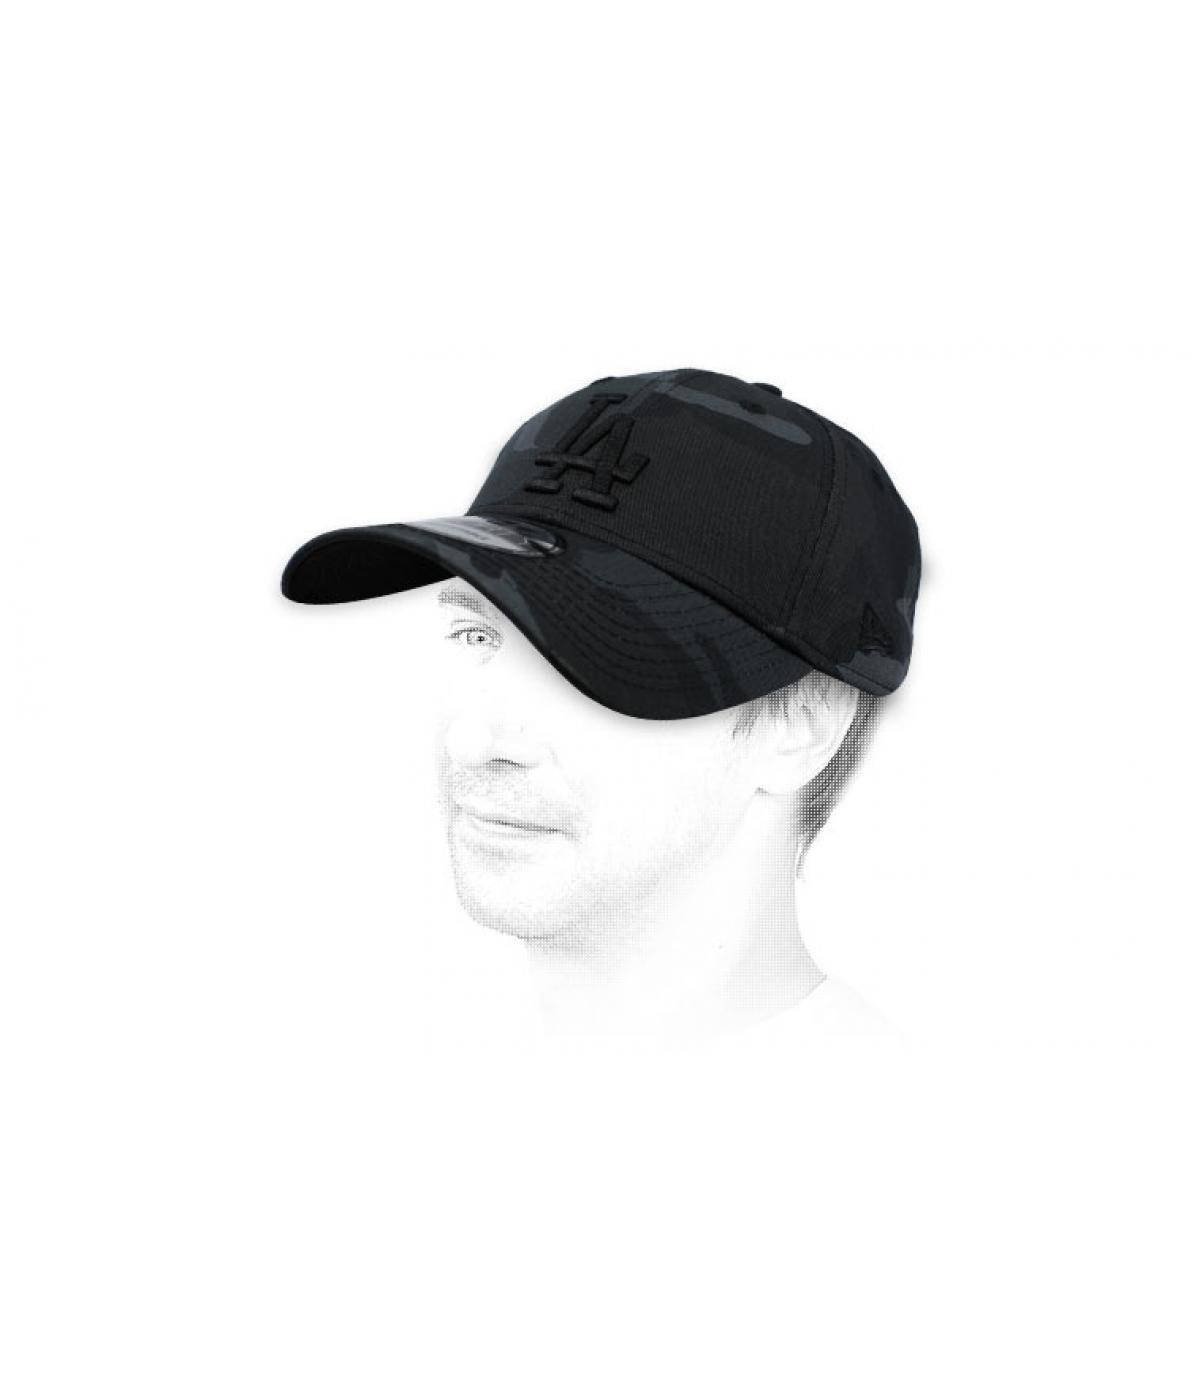 casquette LA camo noir